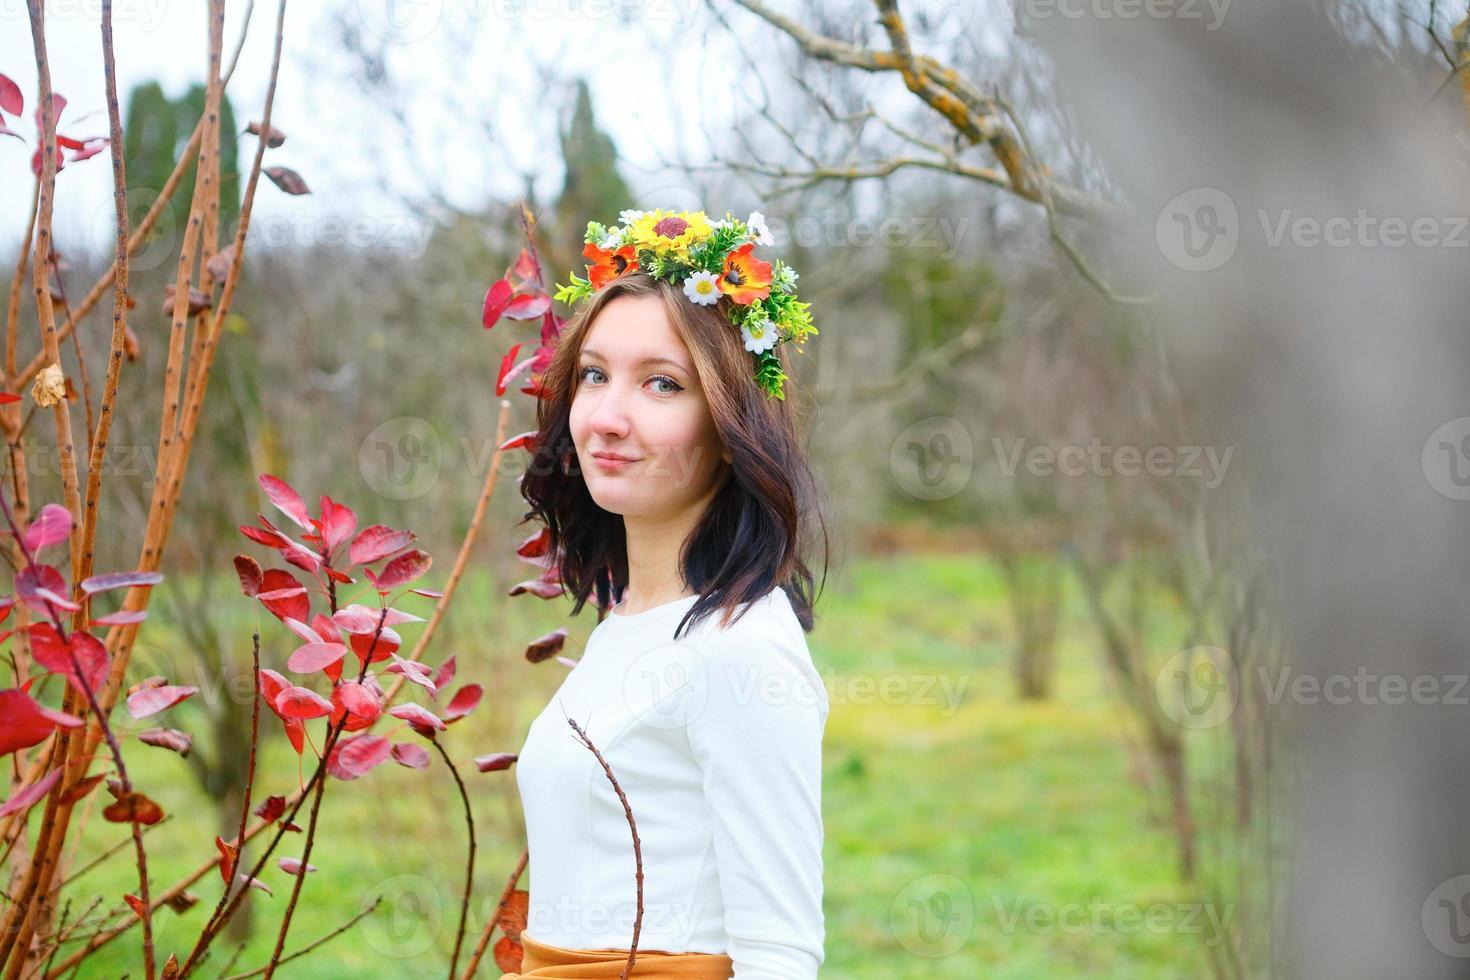 brünettes junges Mädchen mit Blumenkranz im Herbstpark foto